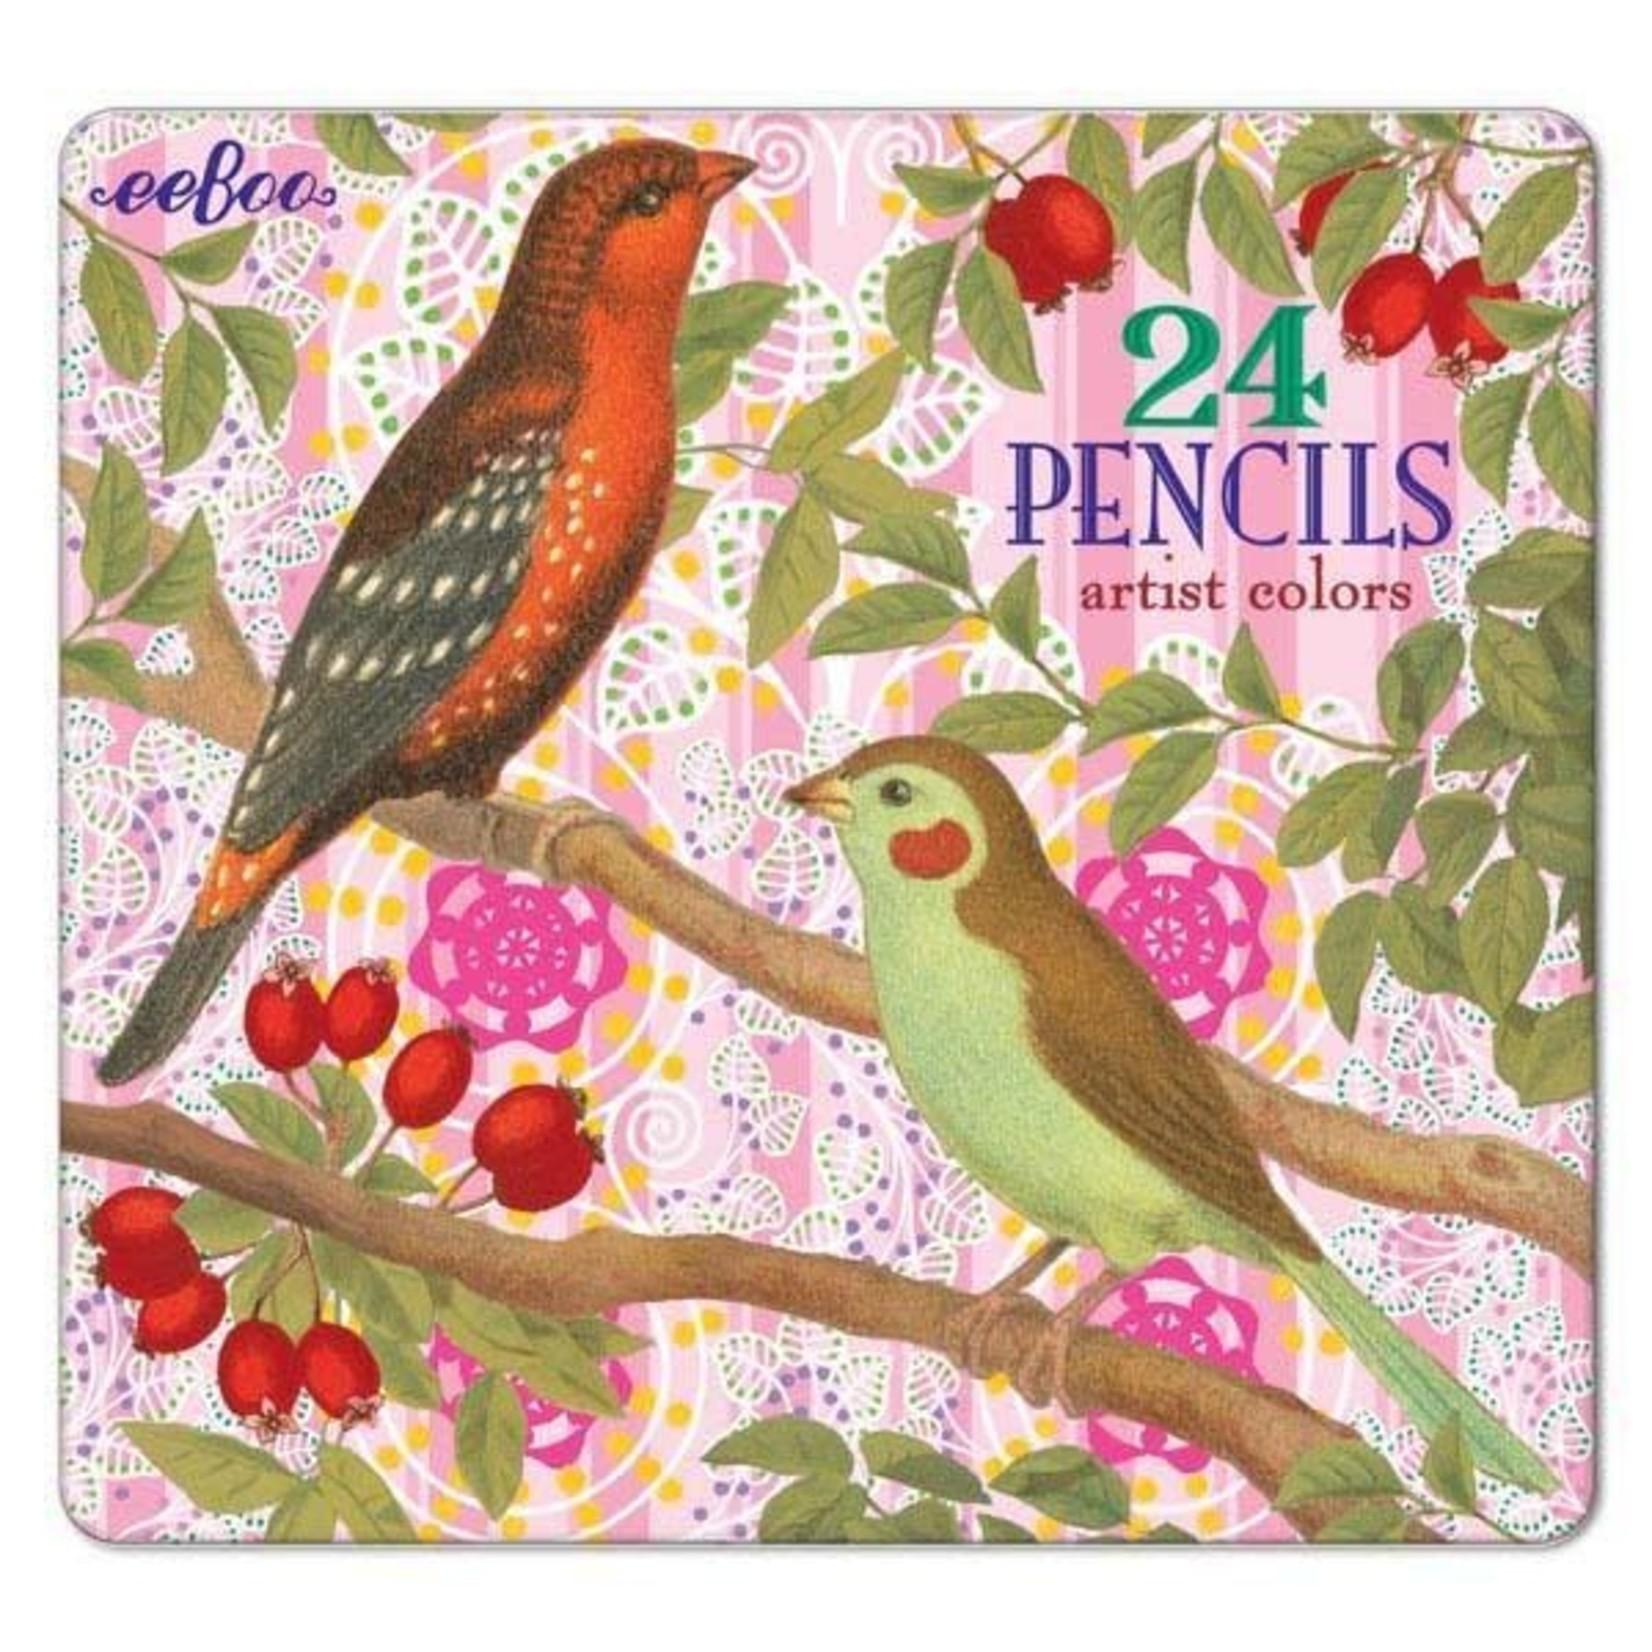 EEBOO Birds with Berries 24 Pencils